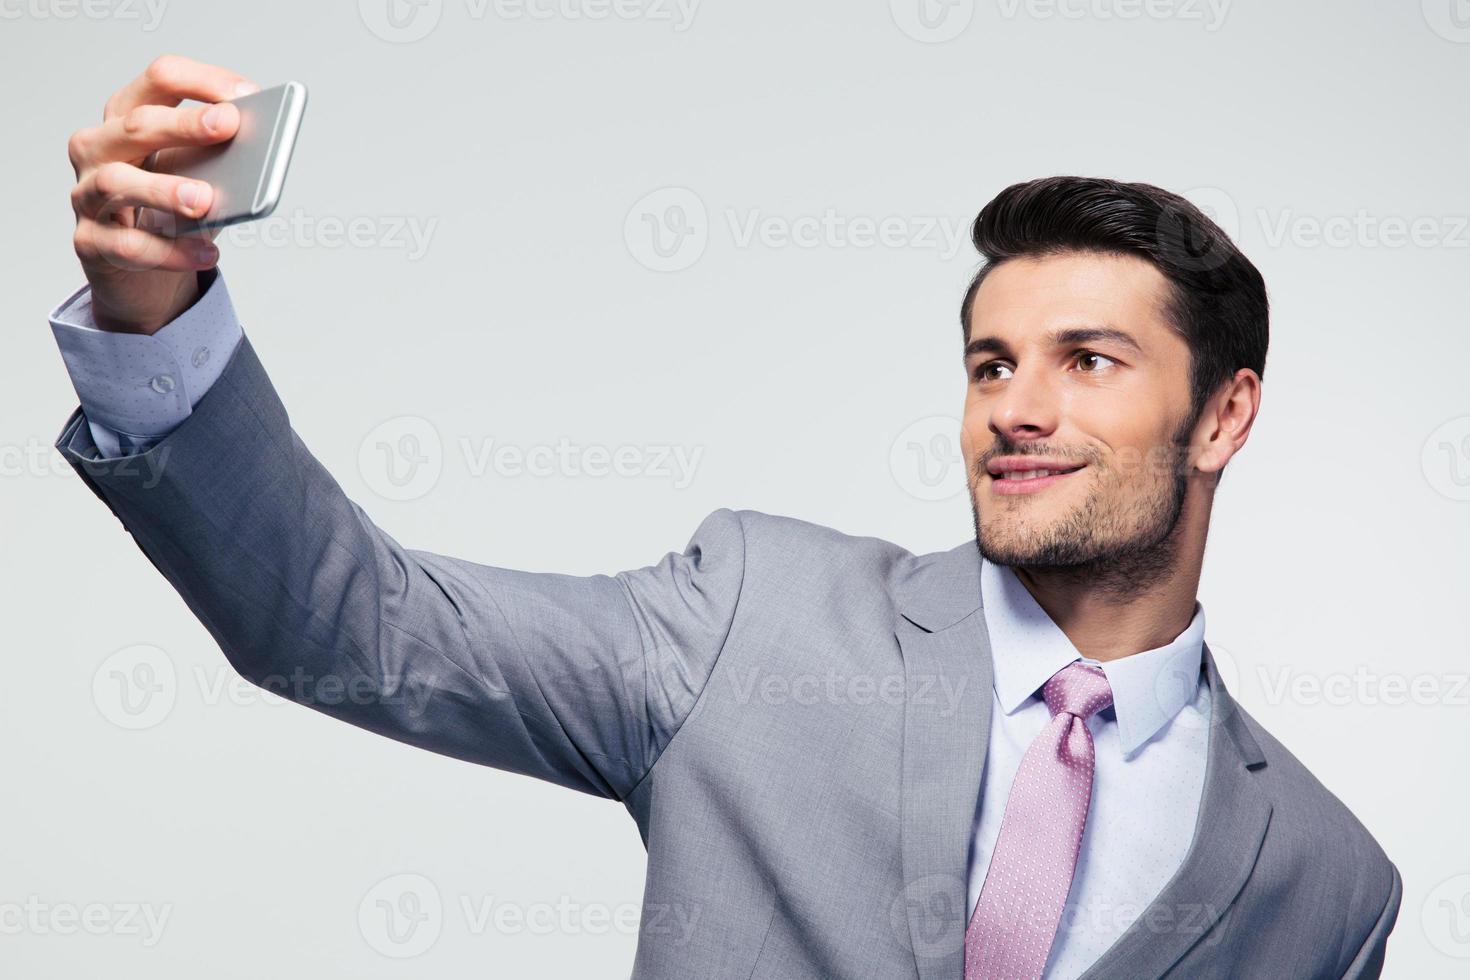 empresario haciendo foto selfie en smartphone